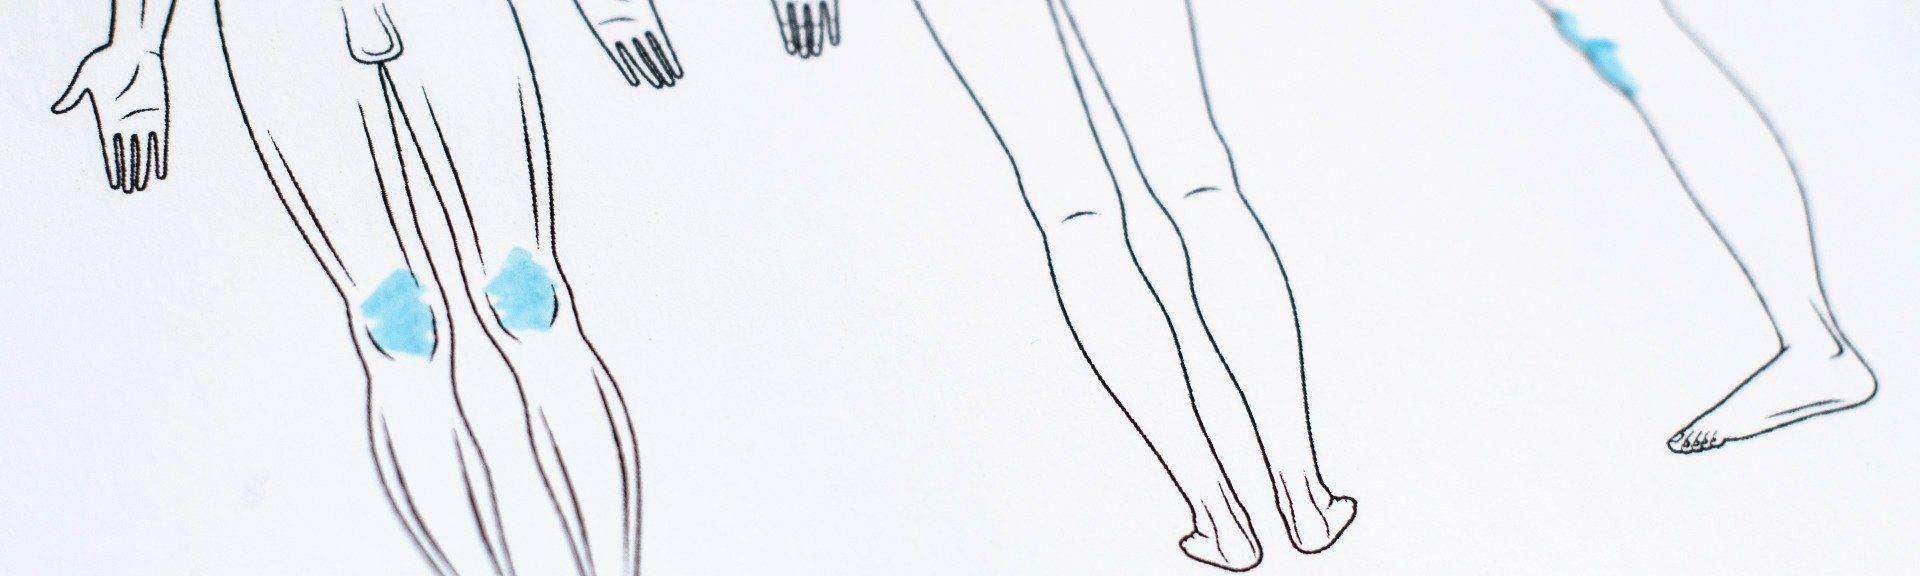 Behandelingen - Liposuctie - knieen